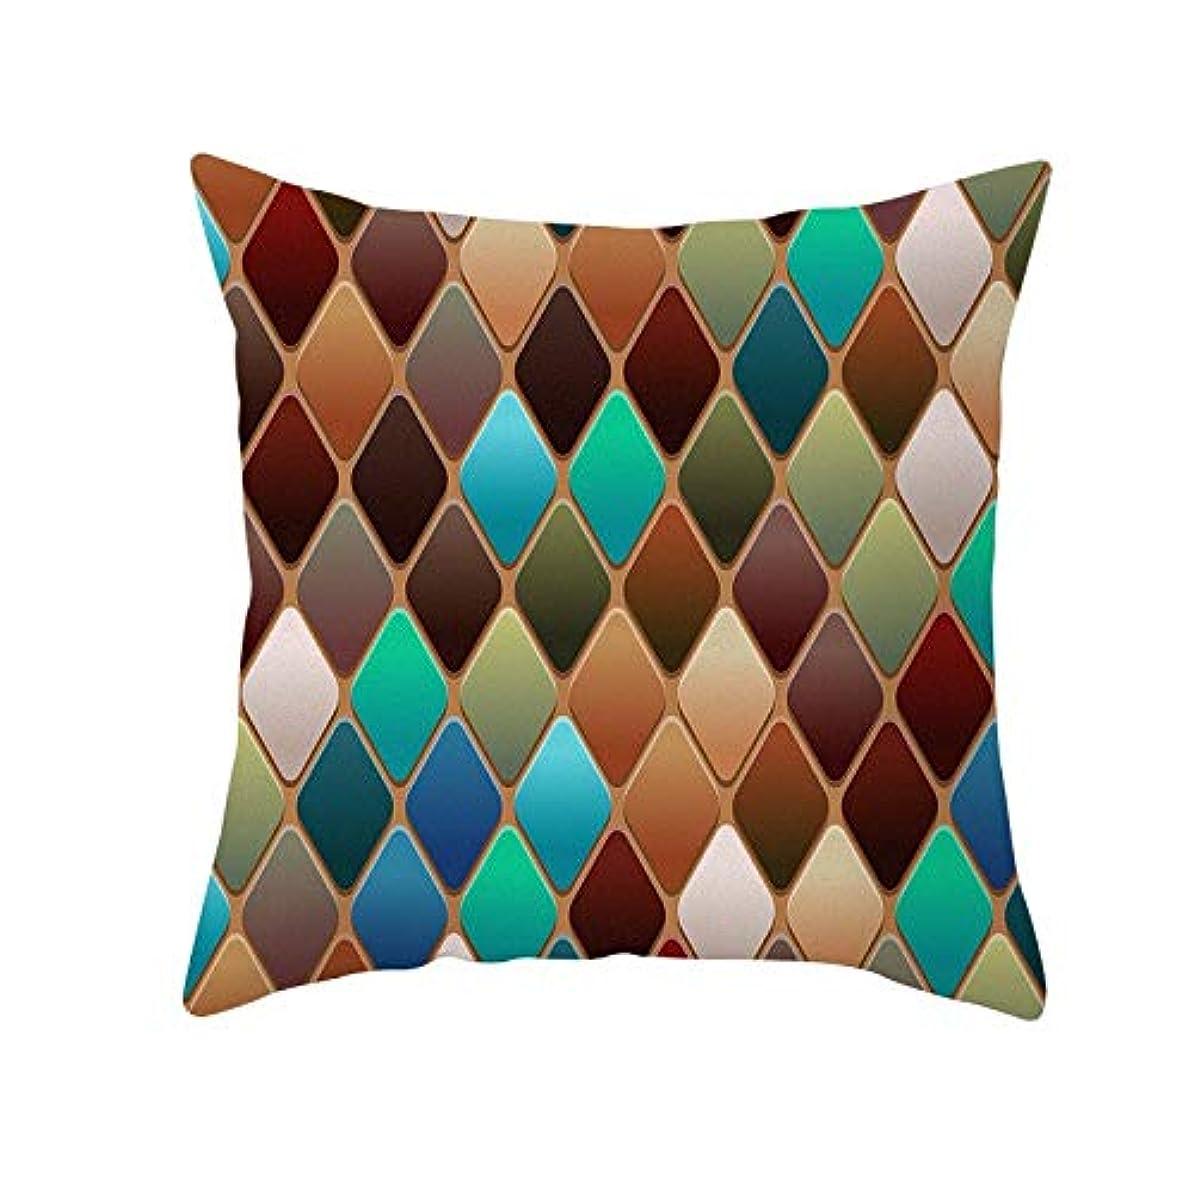 減る仮称シェアLIFE 装飾クッションソファ 幾何学プリントポリエステル正方形の枕ソファスロークッション家の装飾 coussin デ長椅子 クッション 椅子